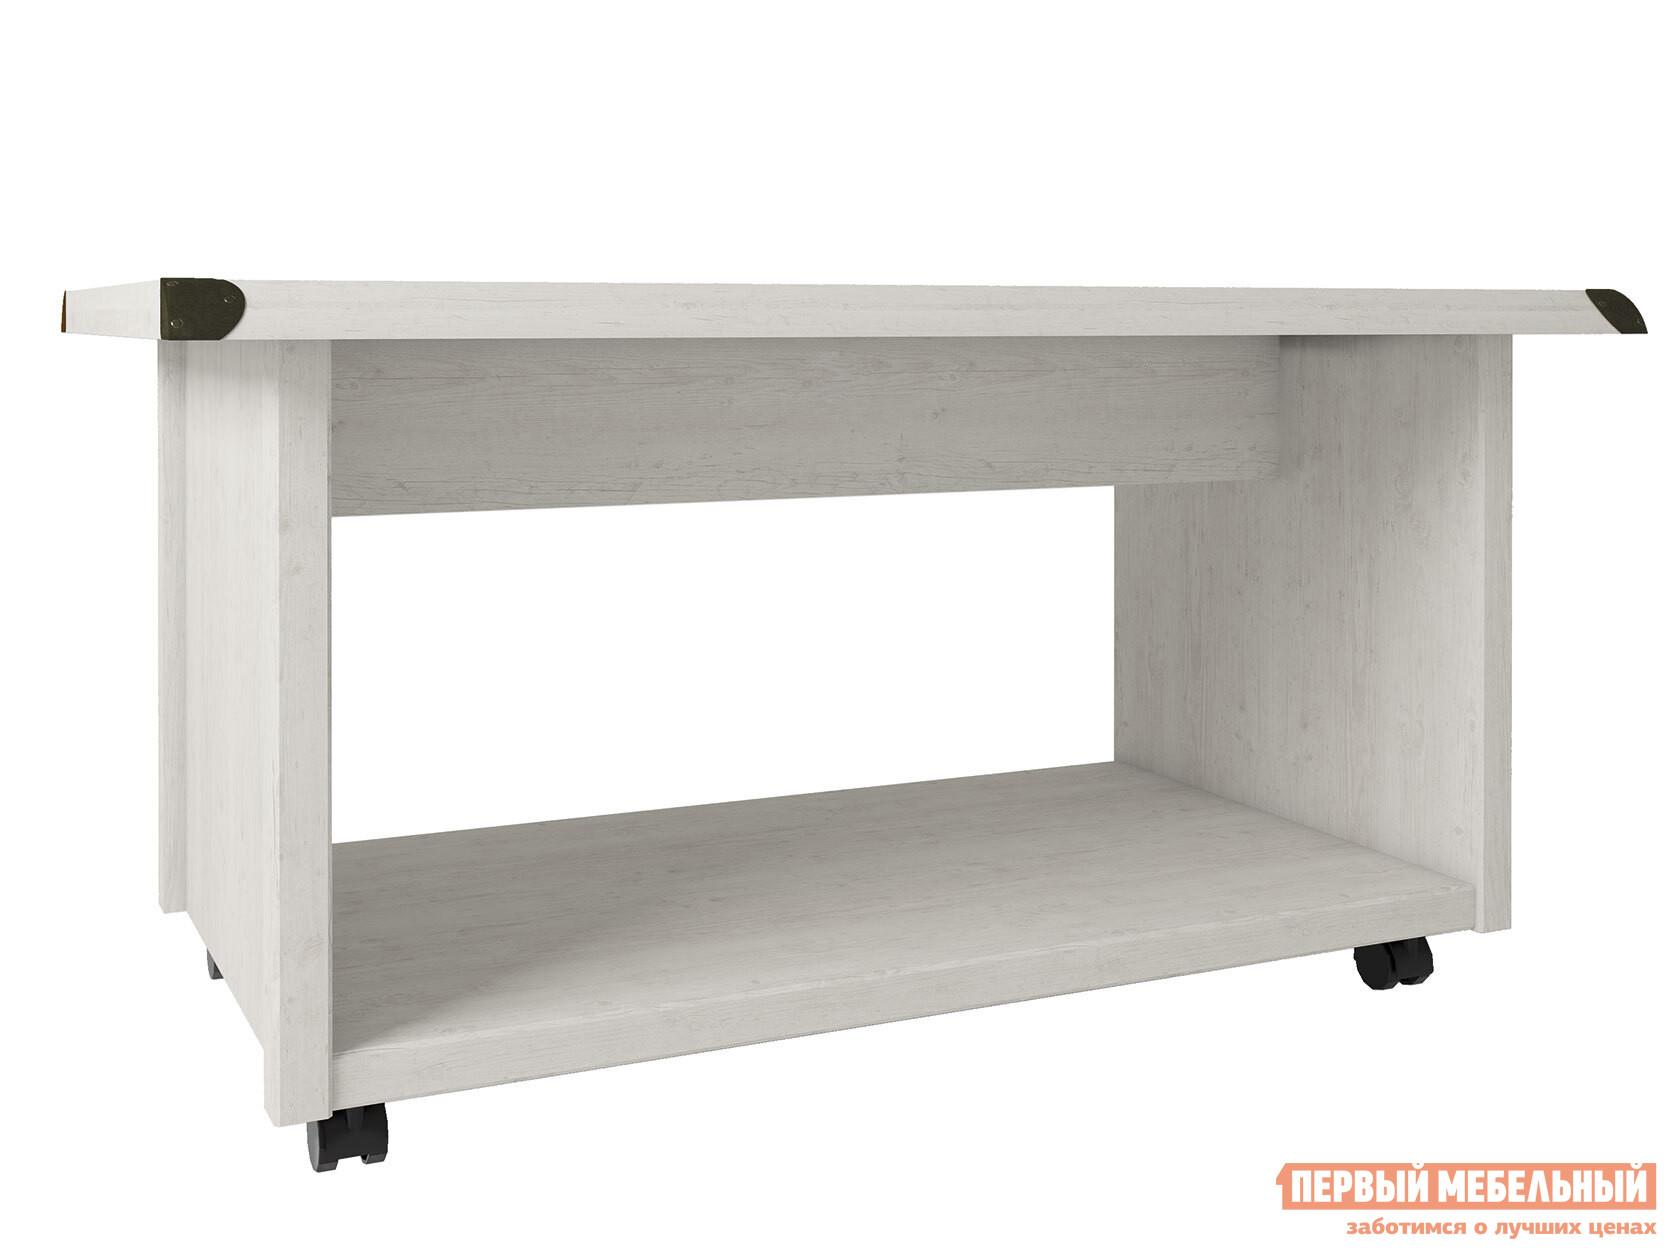 Журнальный столик Первый Мебельный Стол журнальный Магеллан